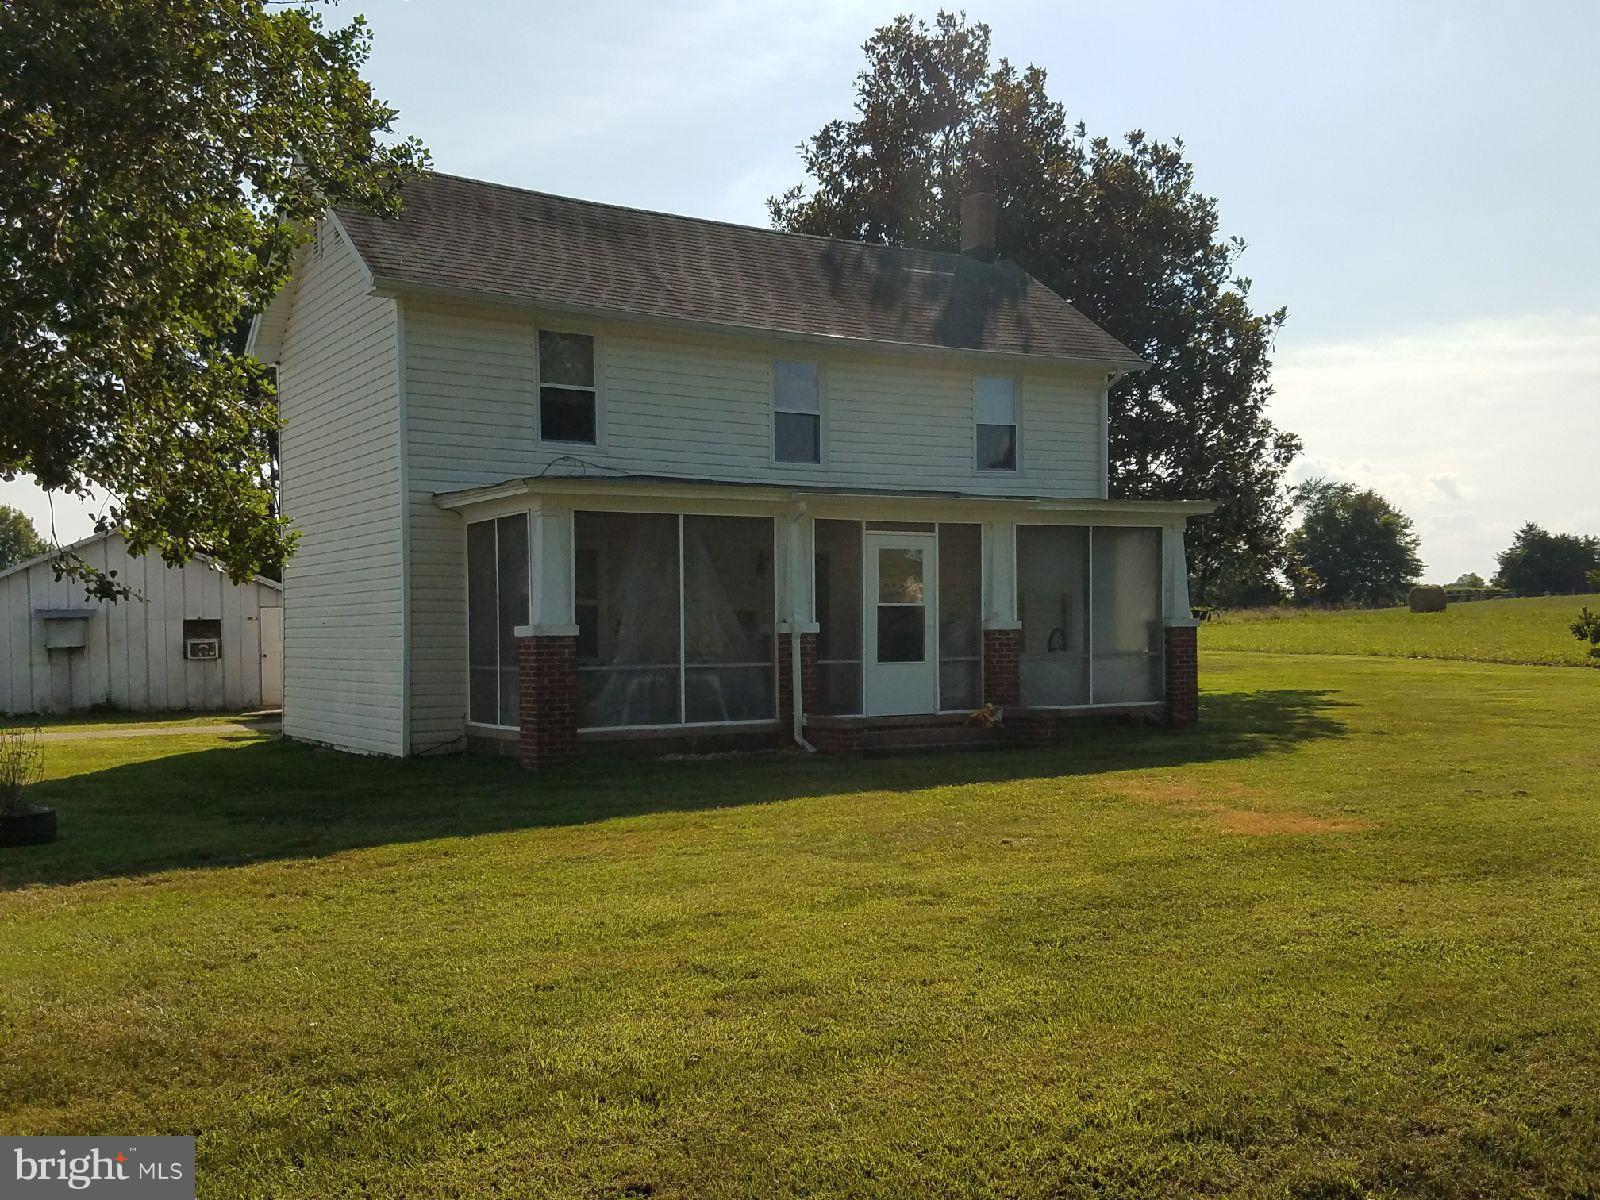 14116 BERRY HILL ROAD, ELKWOOD, VA 22718